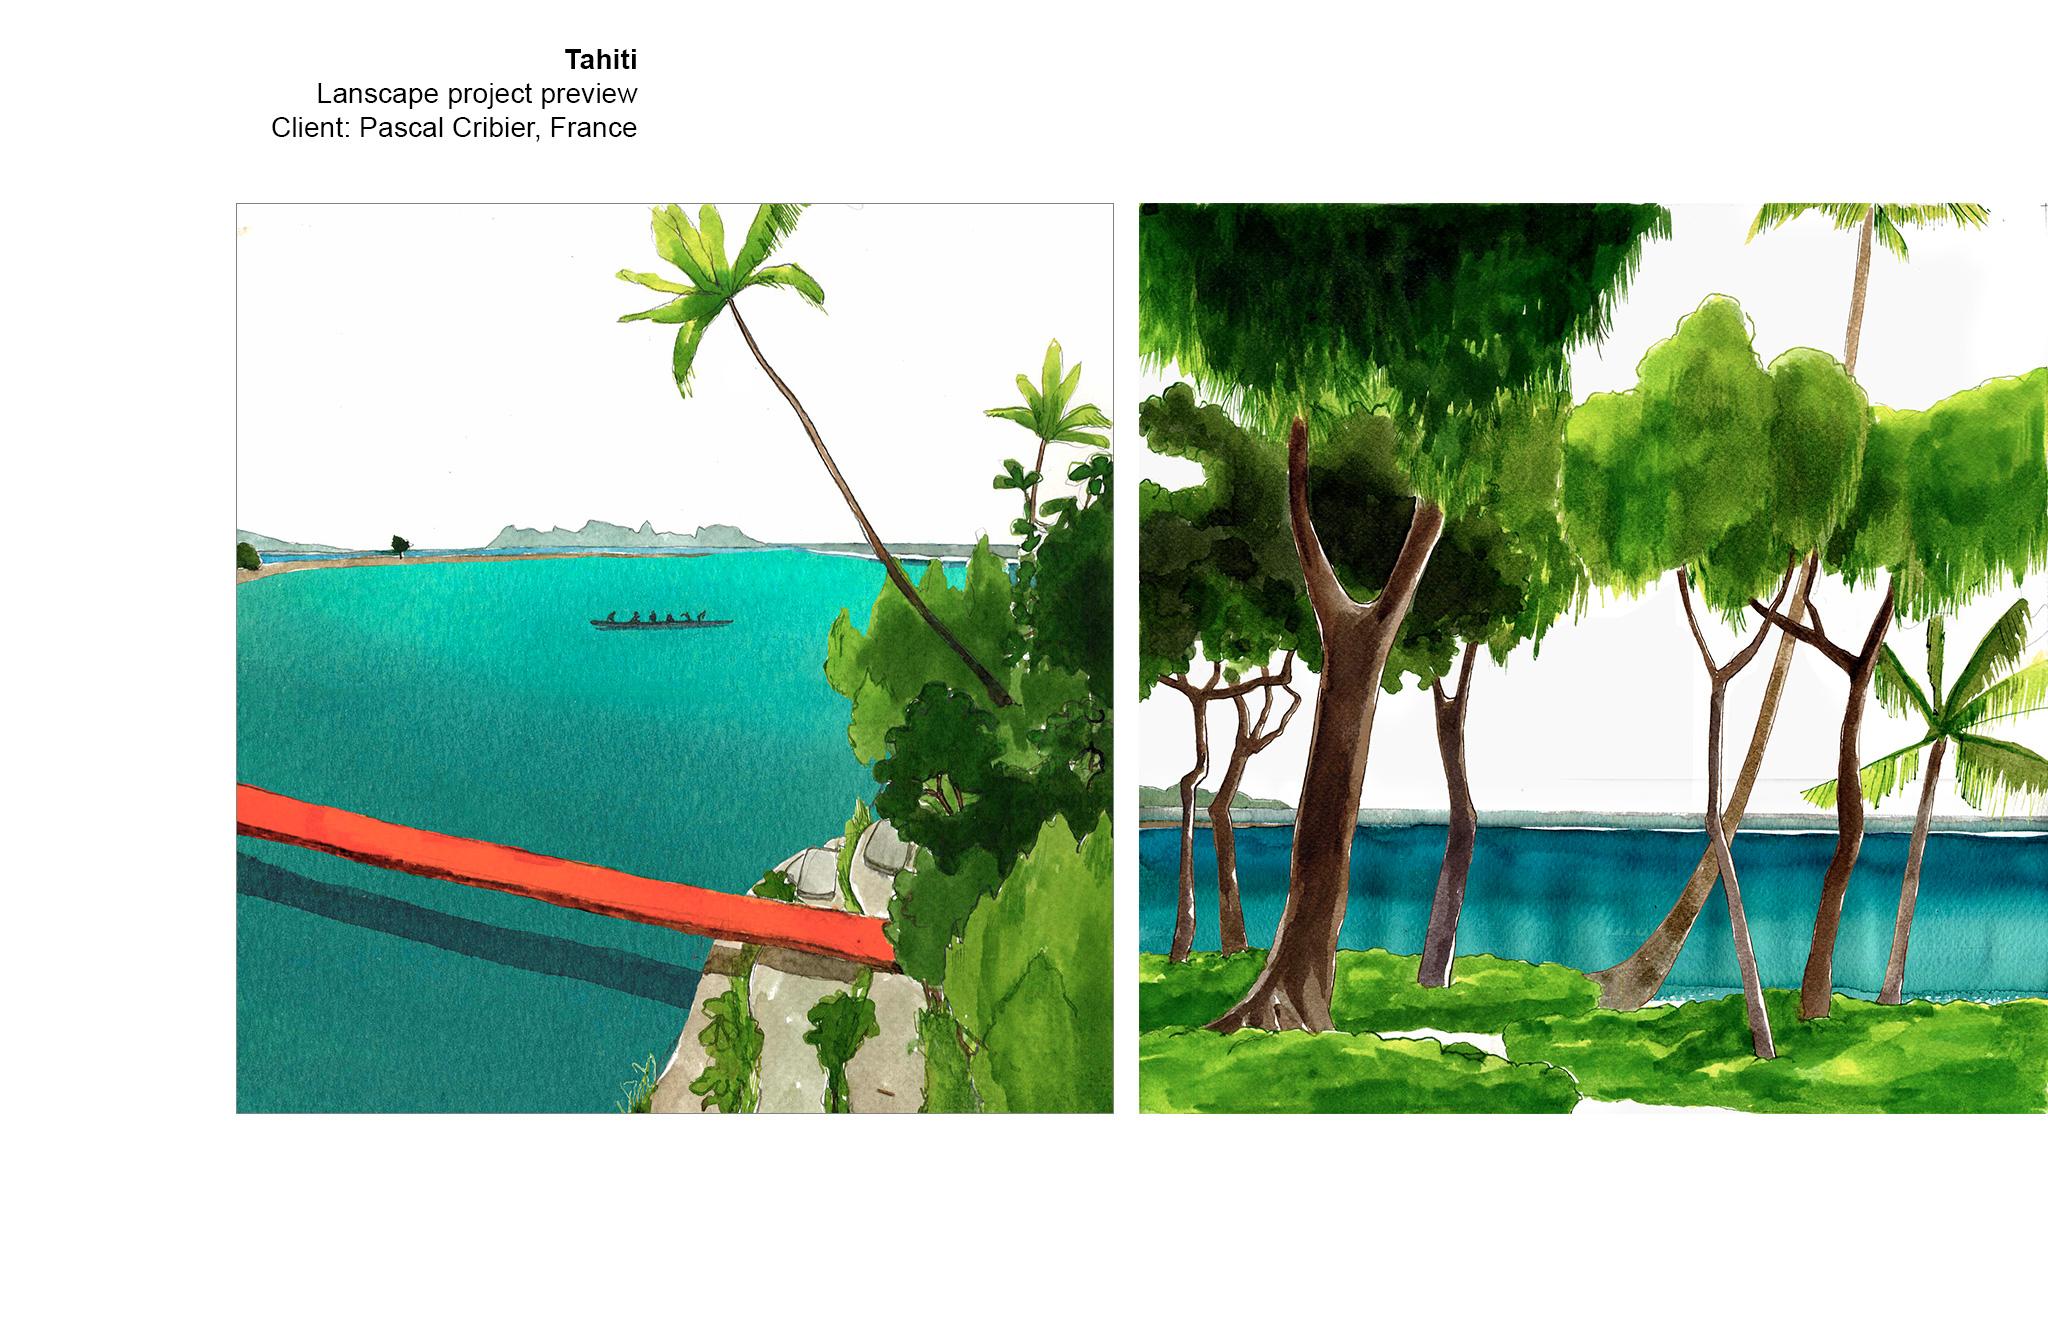 02-Tahiti-1